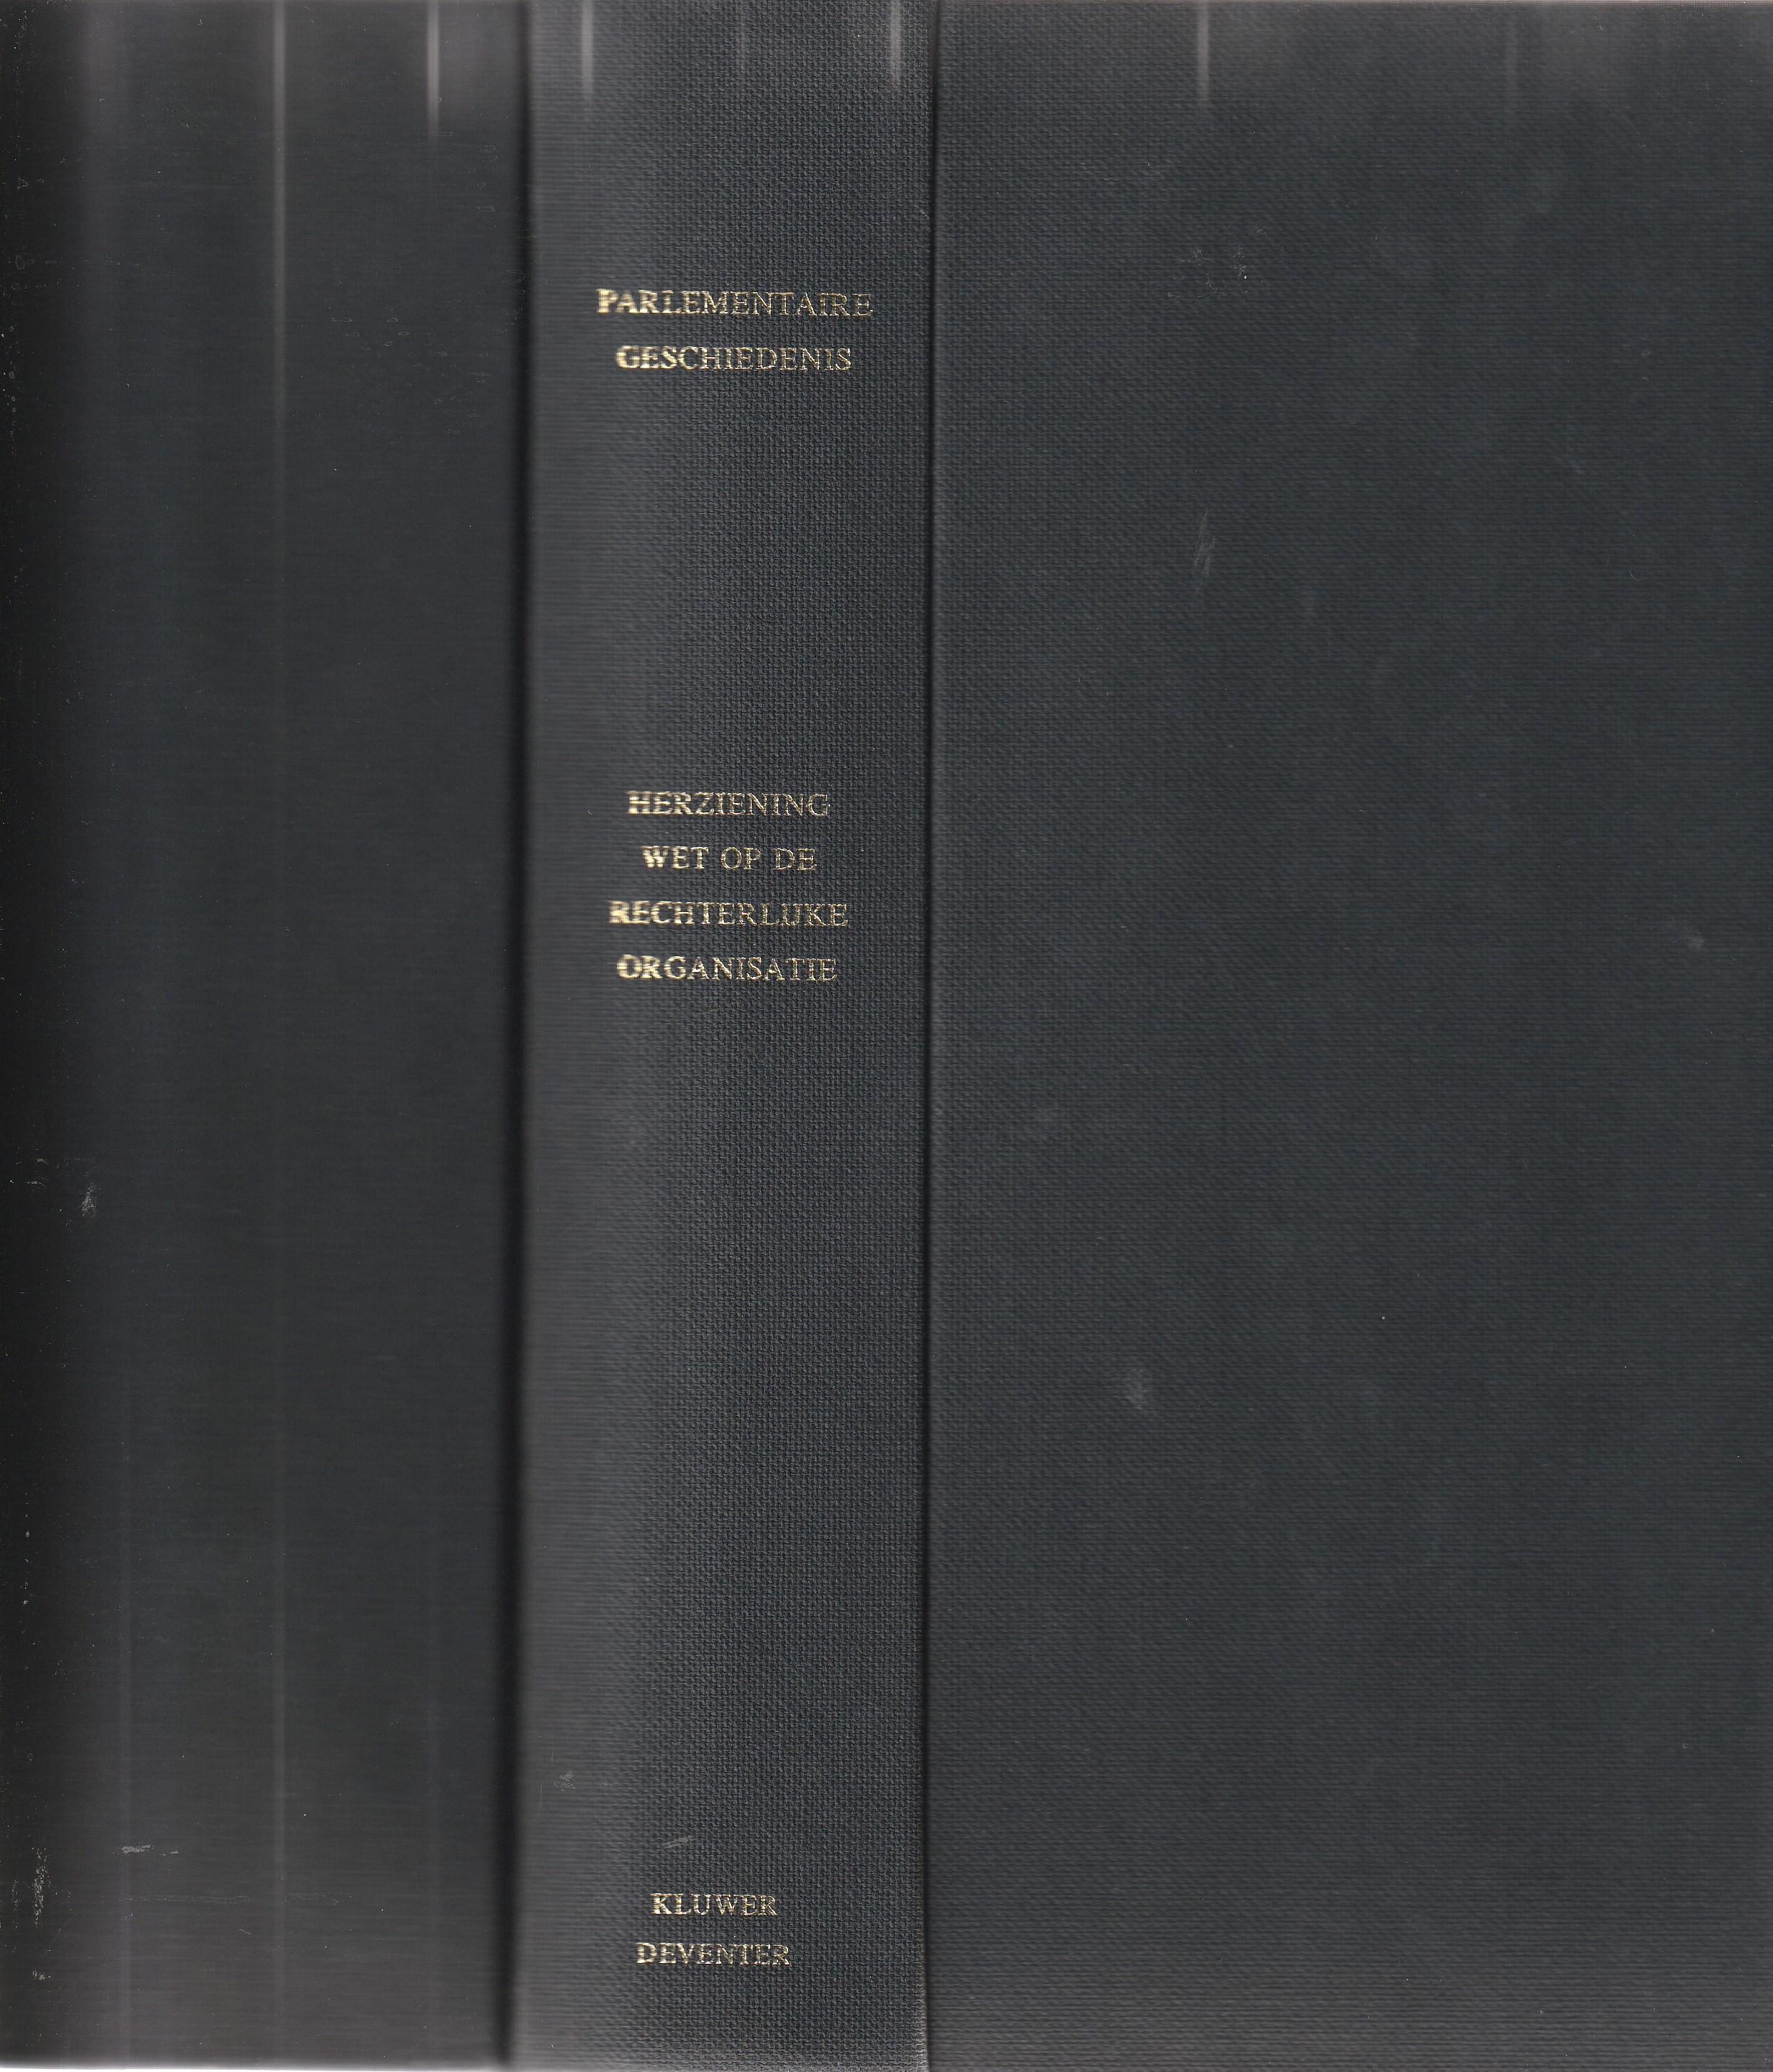 Parlementaire geschiedenis herziening van de Wet op de rechterlijke organisatie